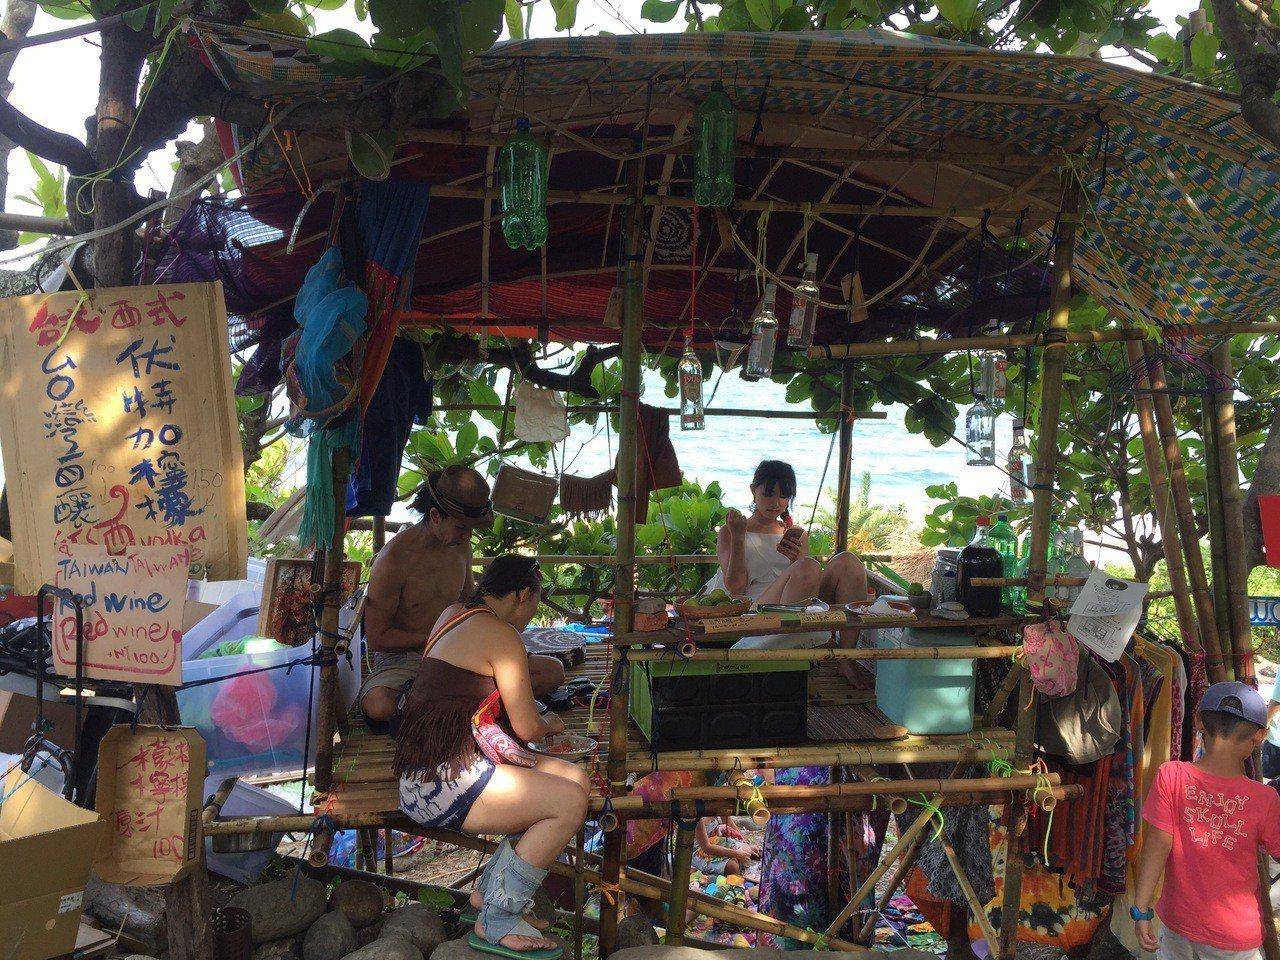 花蓮「海或瘋市集」各式各樣攤位吸引遊客目光。圖/讀者提供